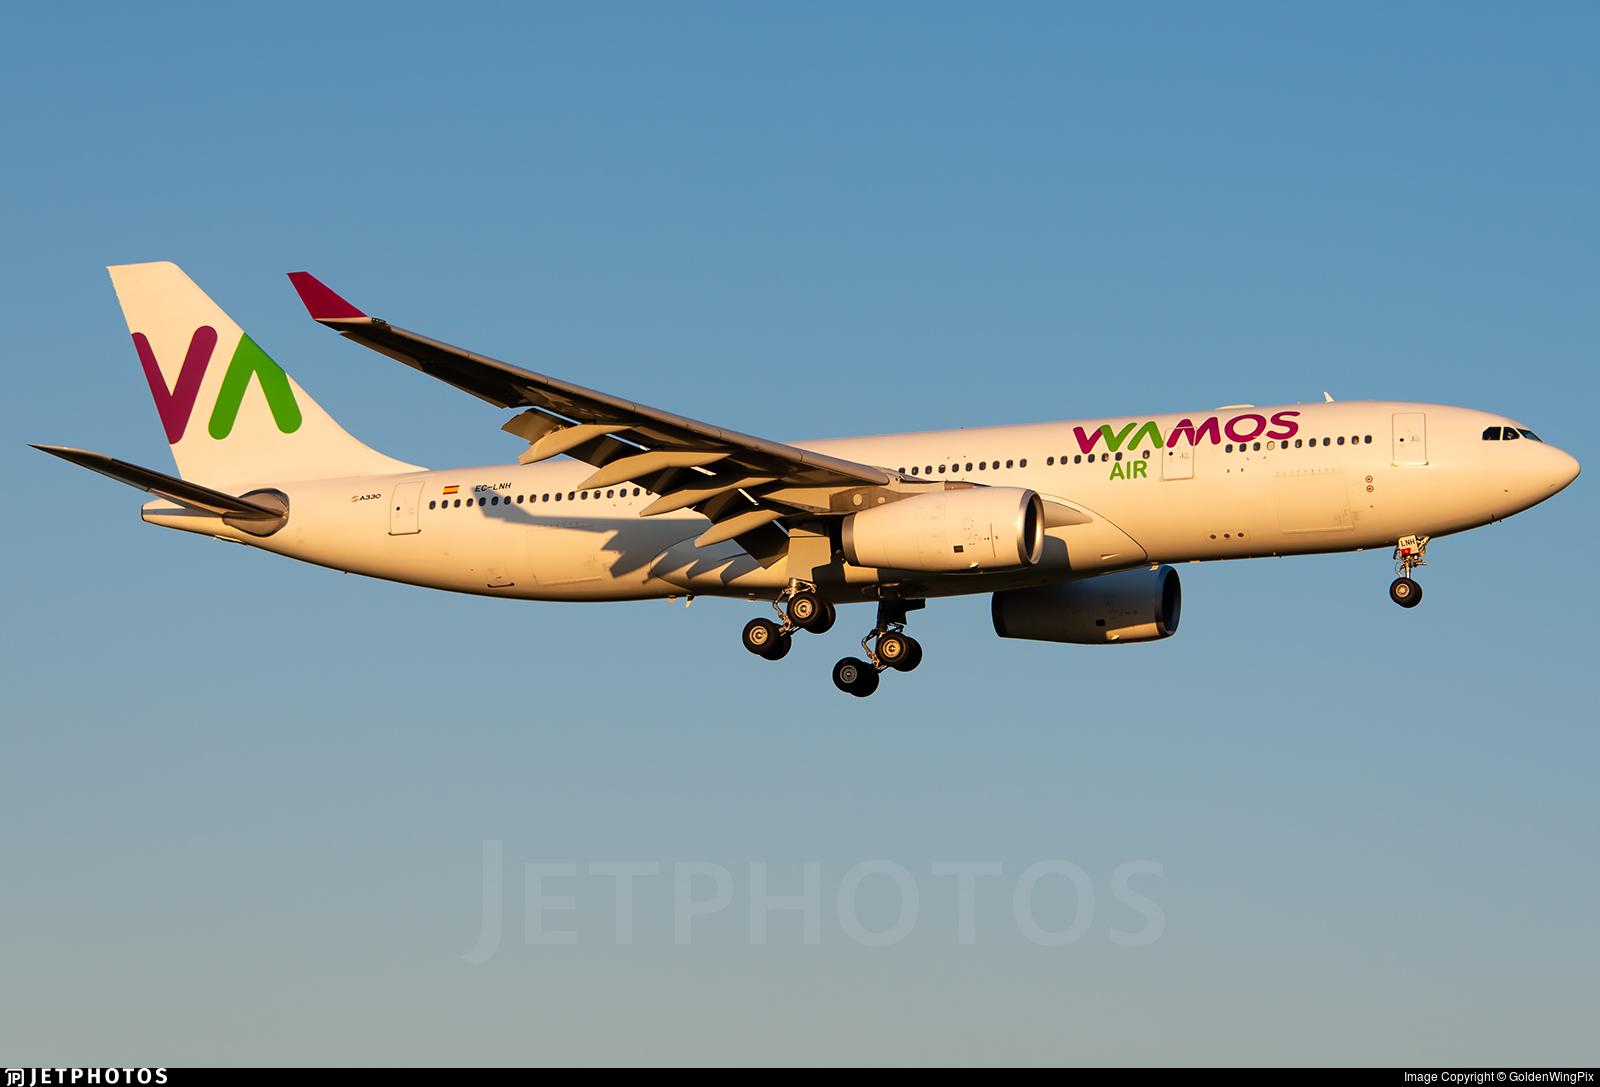 EC-LNH - Airbus A330-243 - Wamos Air